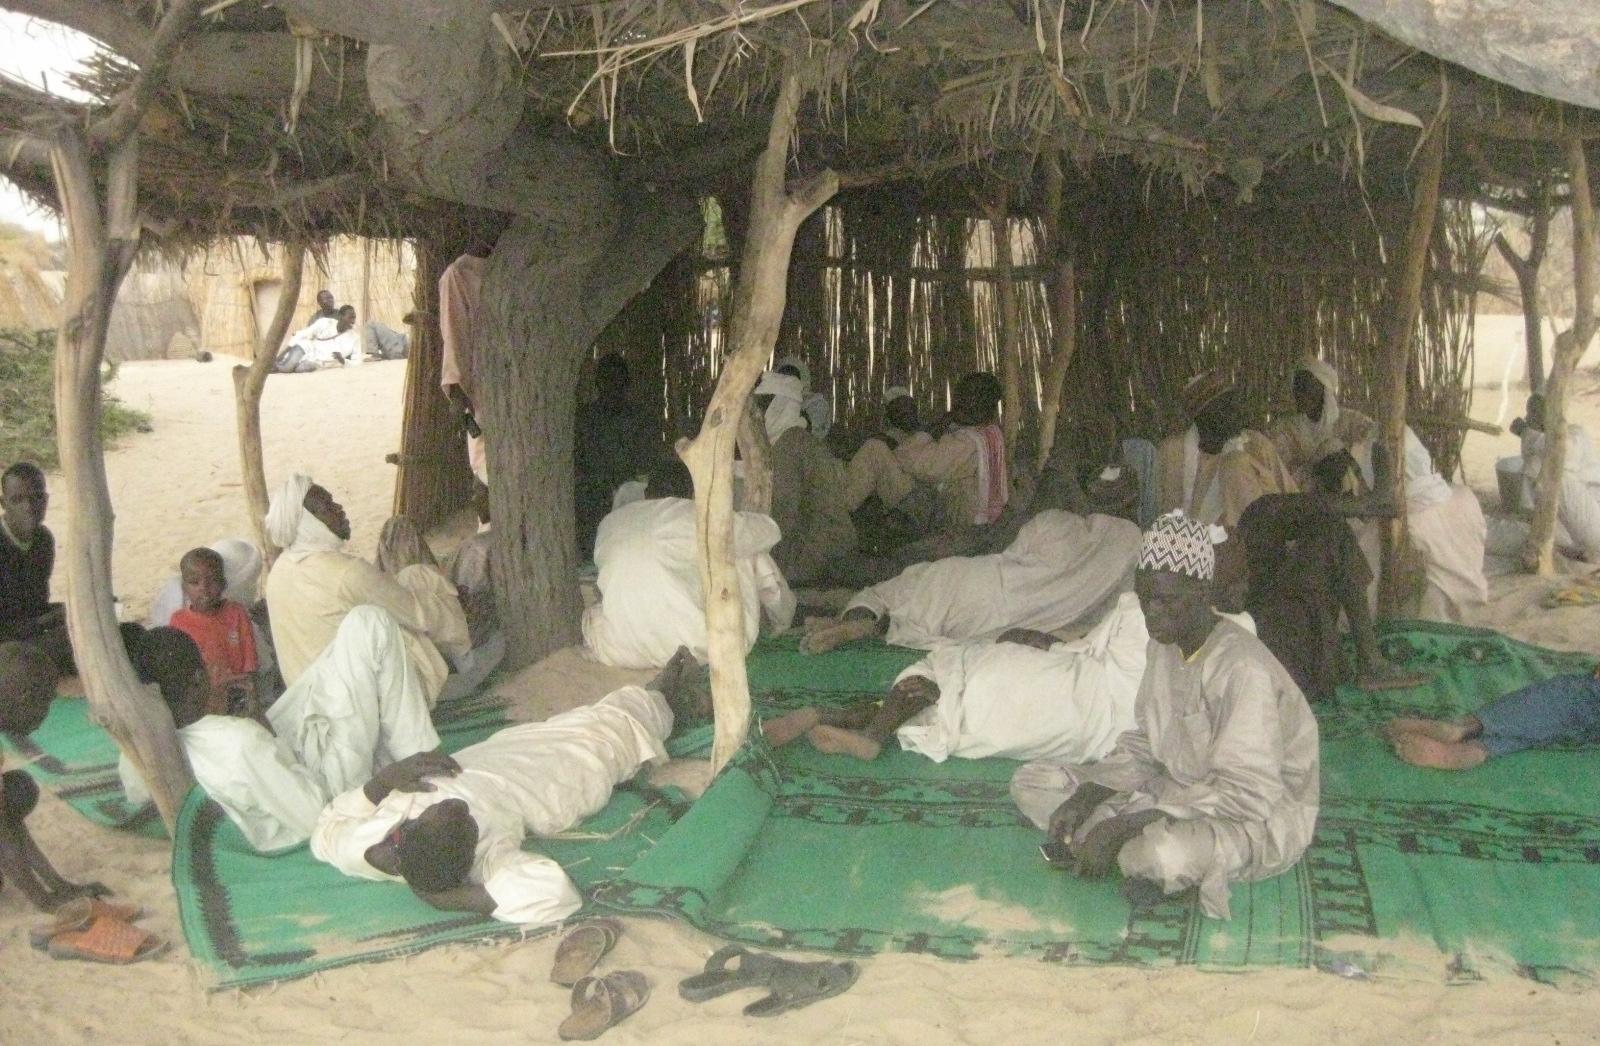 Des repentis de Boko Haram le 31 mars 2018 au Lac Tchad. © CEDPE